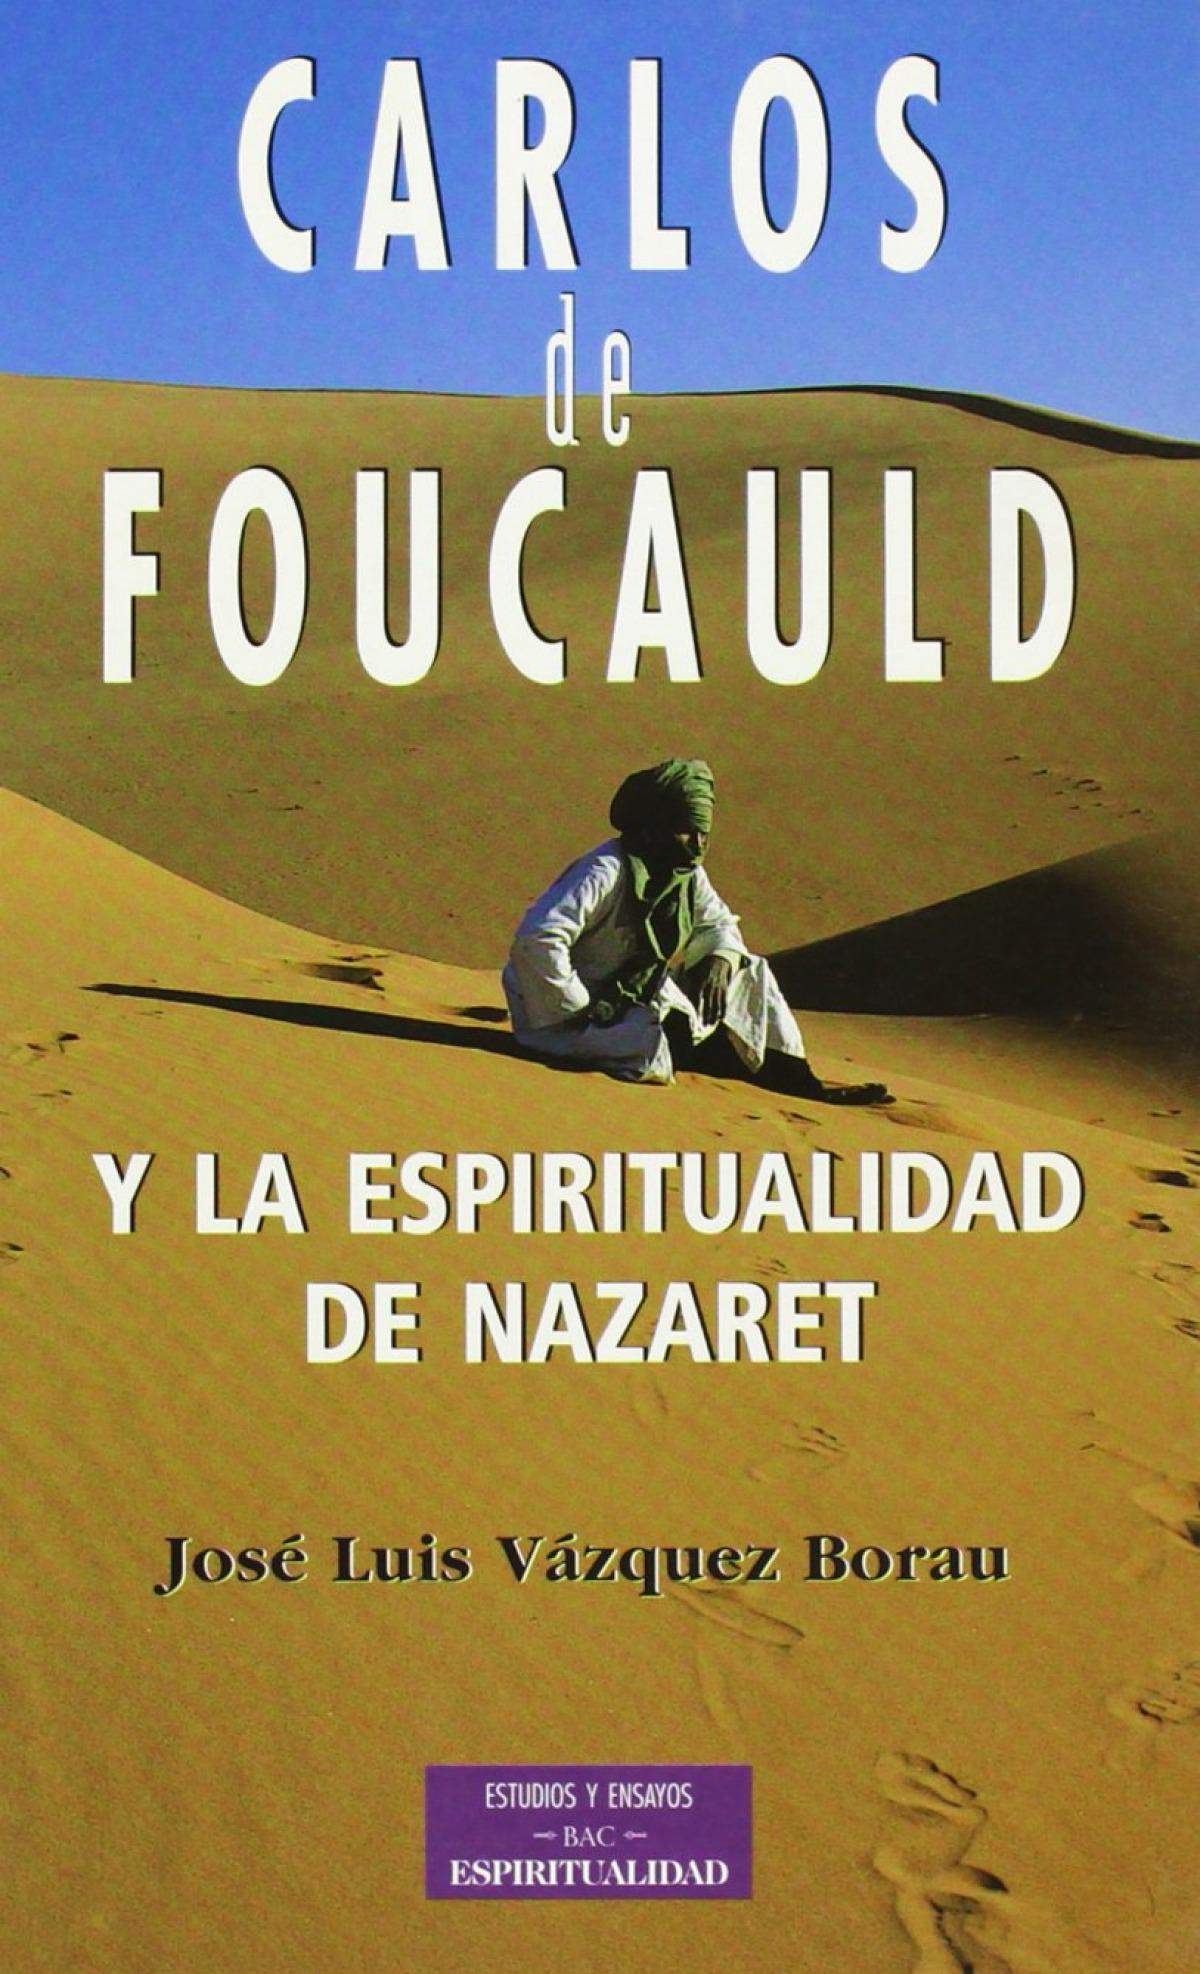 Carlos foucauld y la espiritualidad de nazaret - Vazquez Borau, José Luis